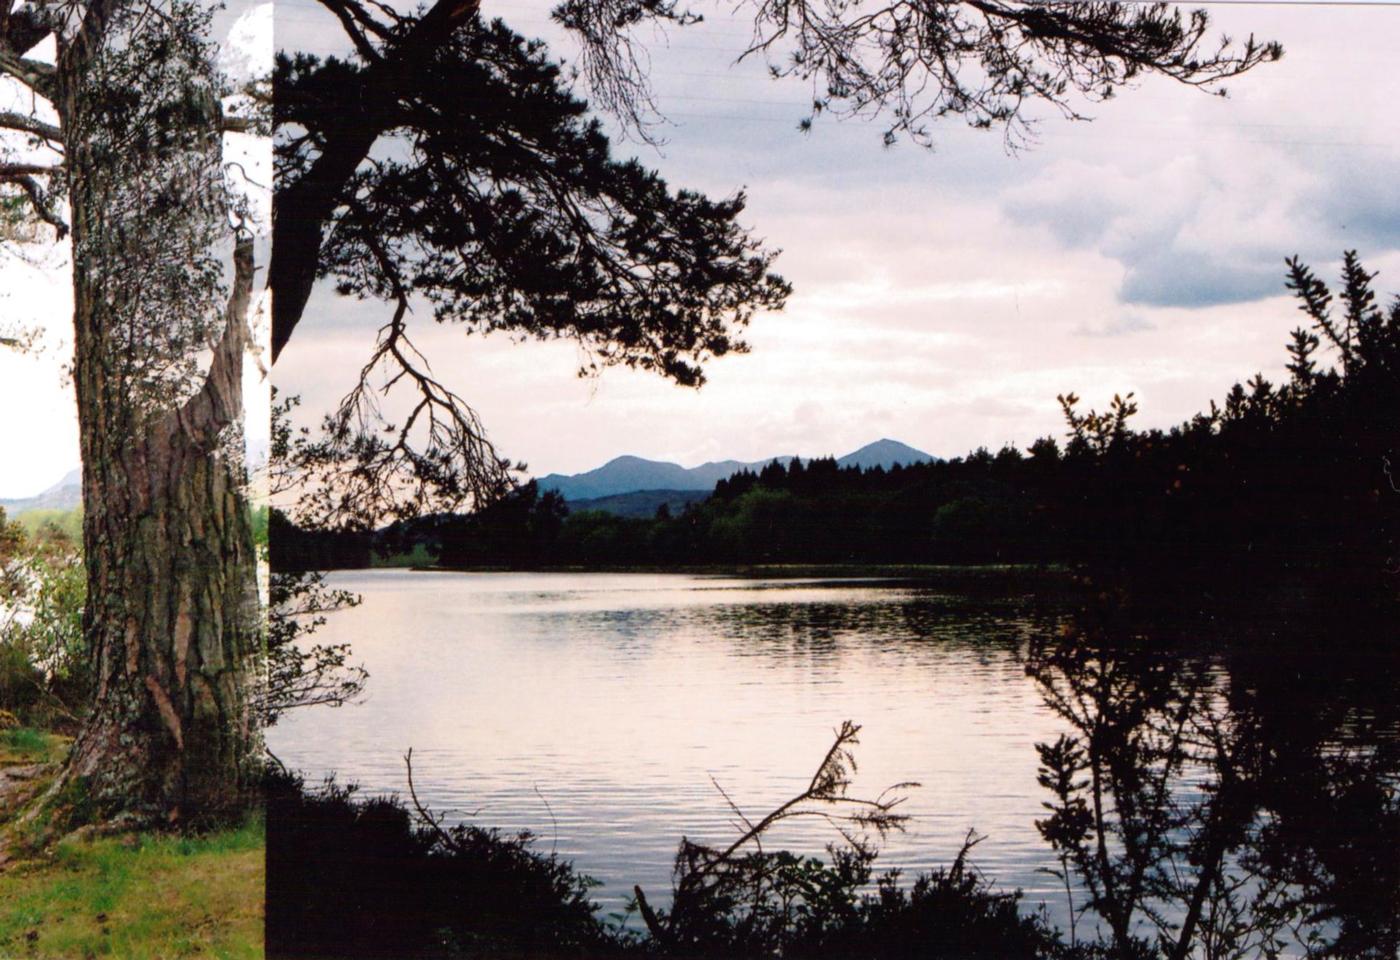 scottish highlands 35mm